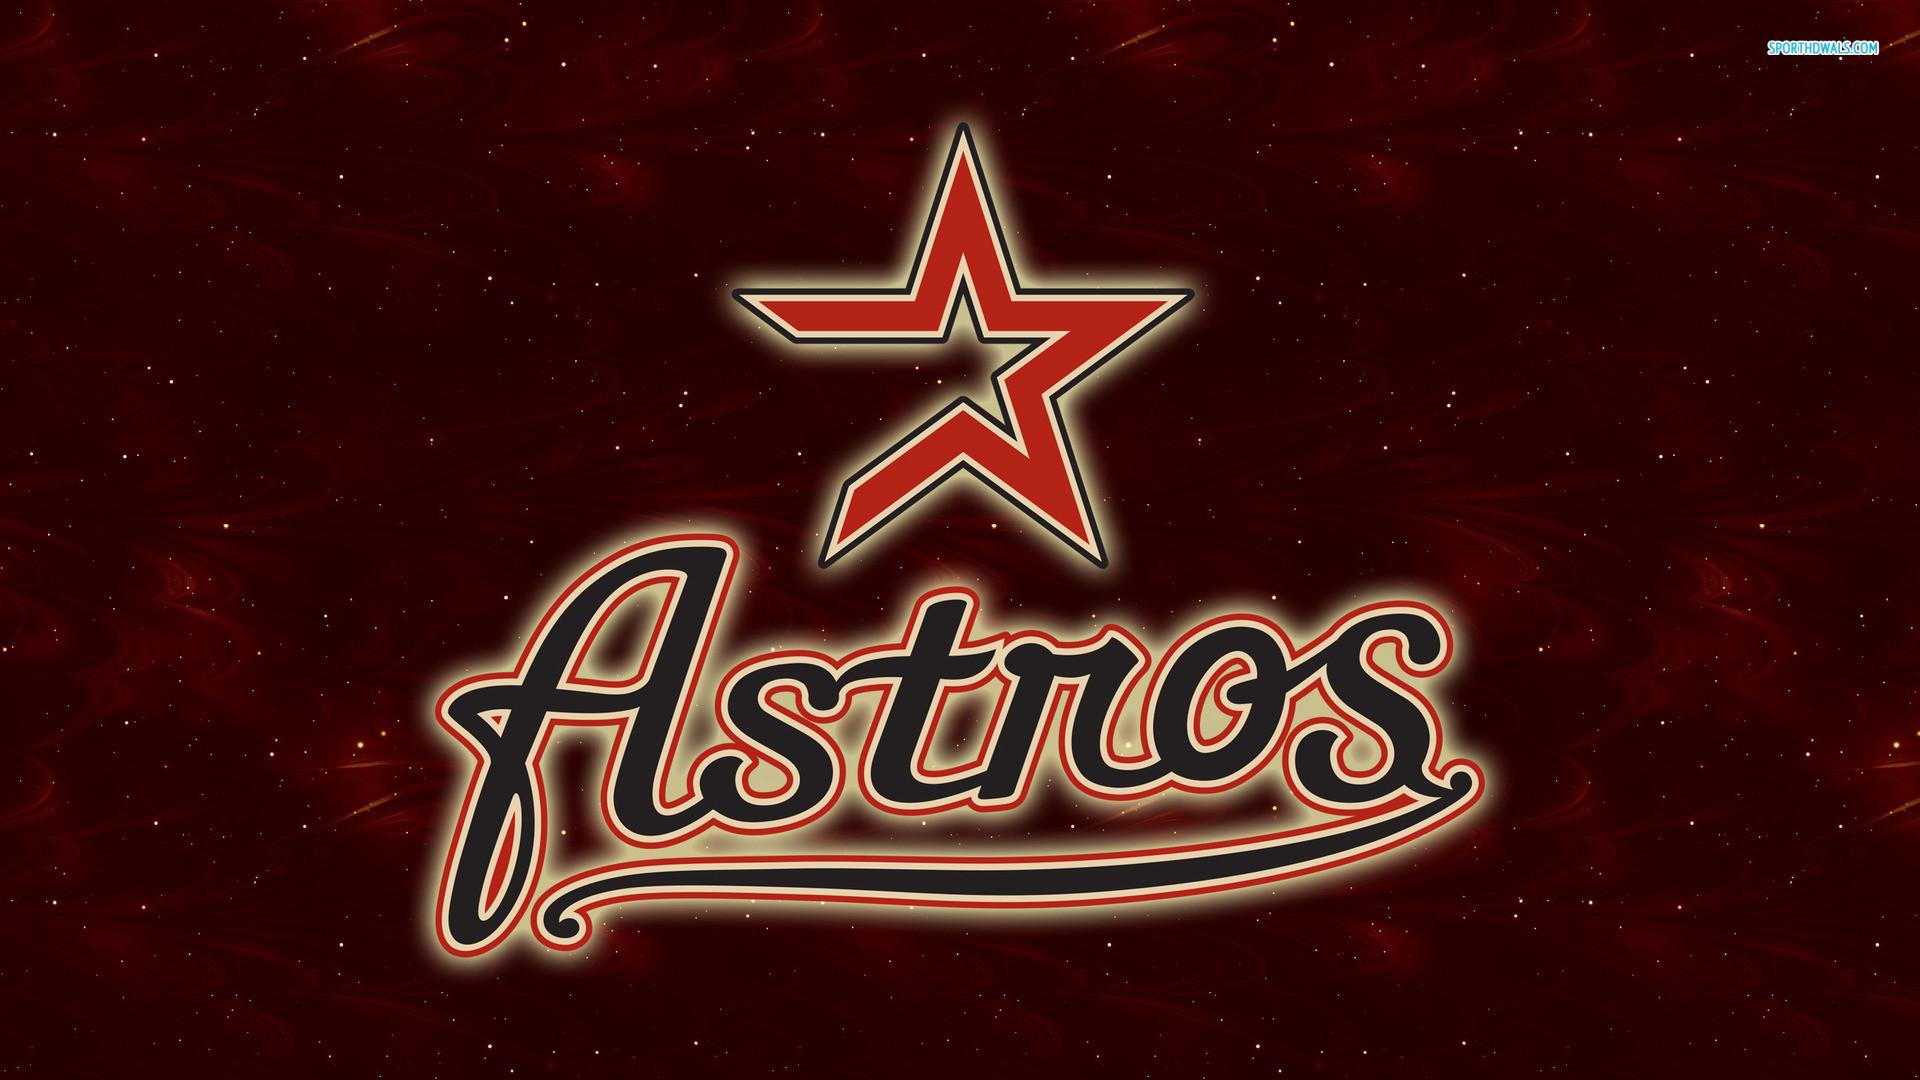 HOUSTON ASTROS mlb baseball (16) wallpaper     232043    WallpaperUP